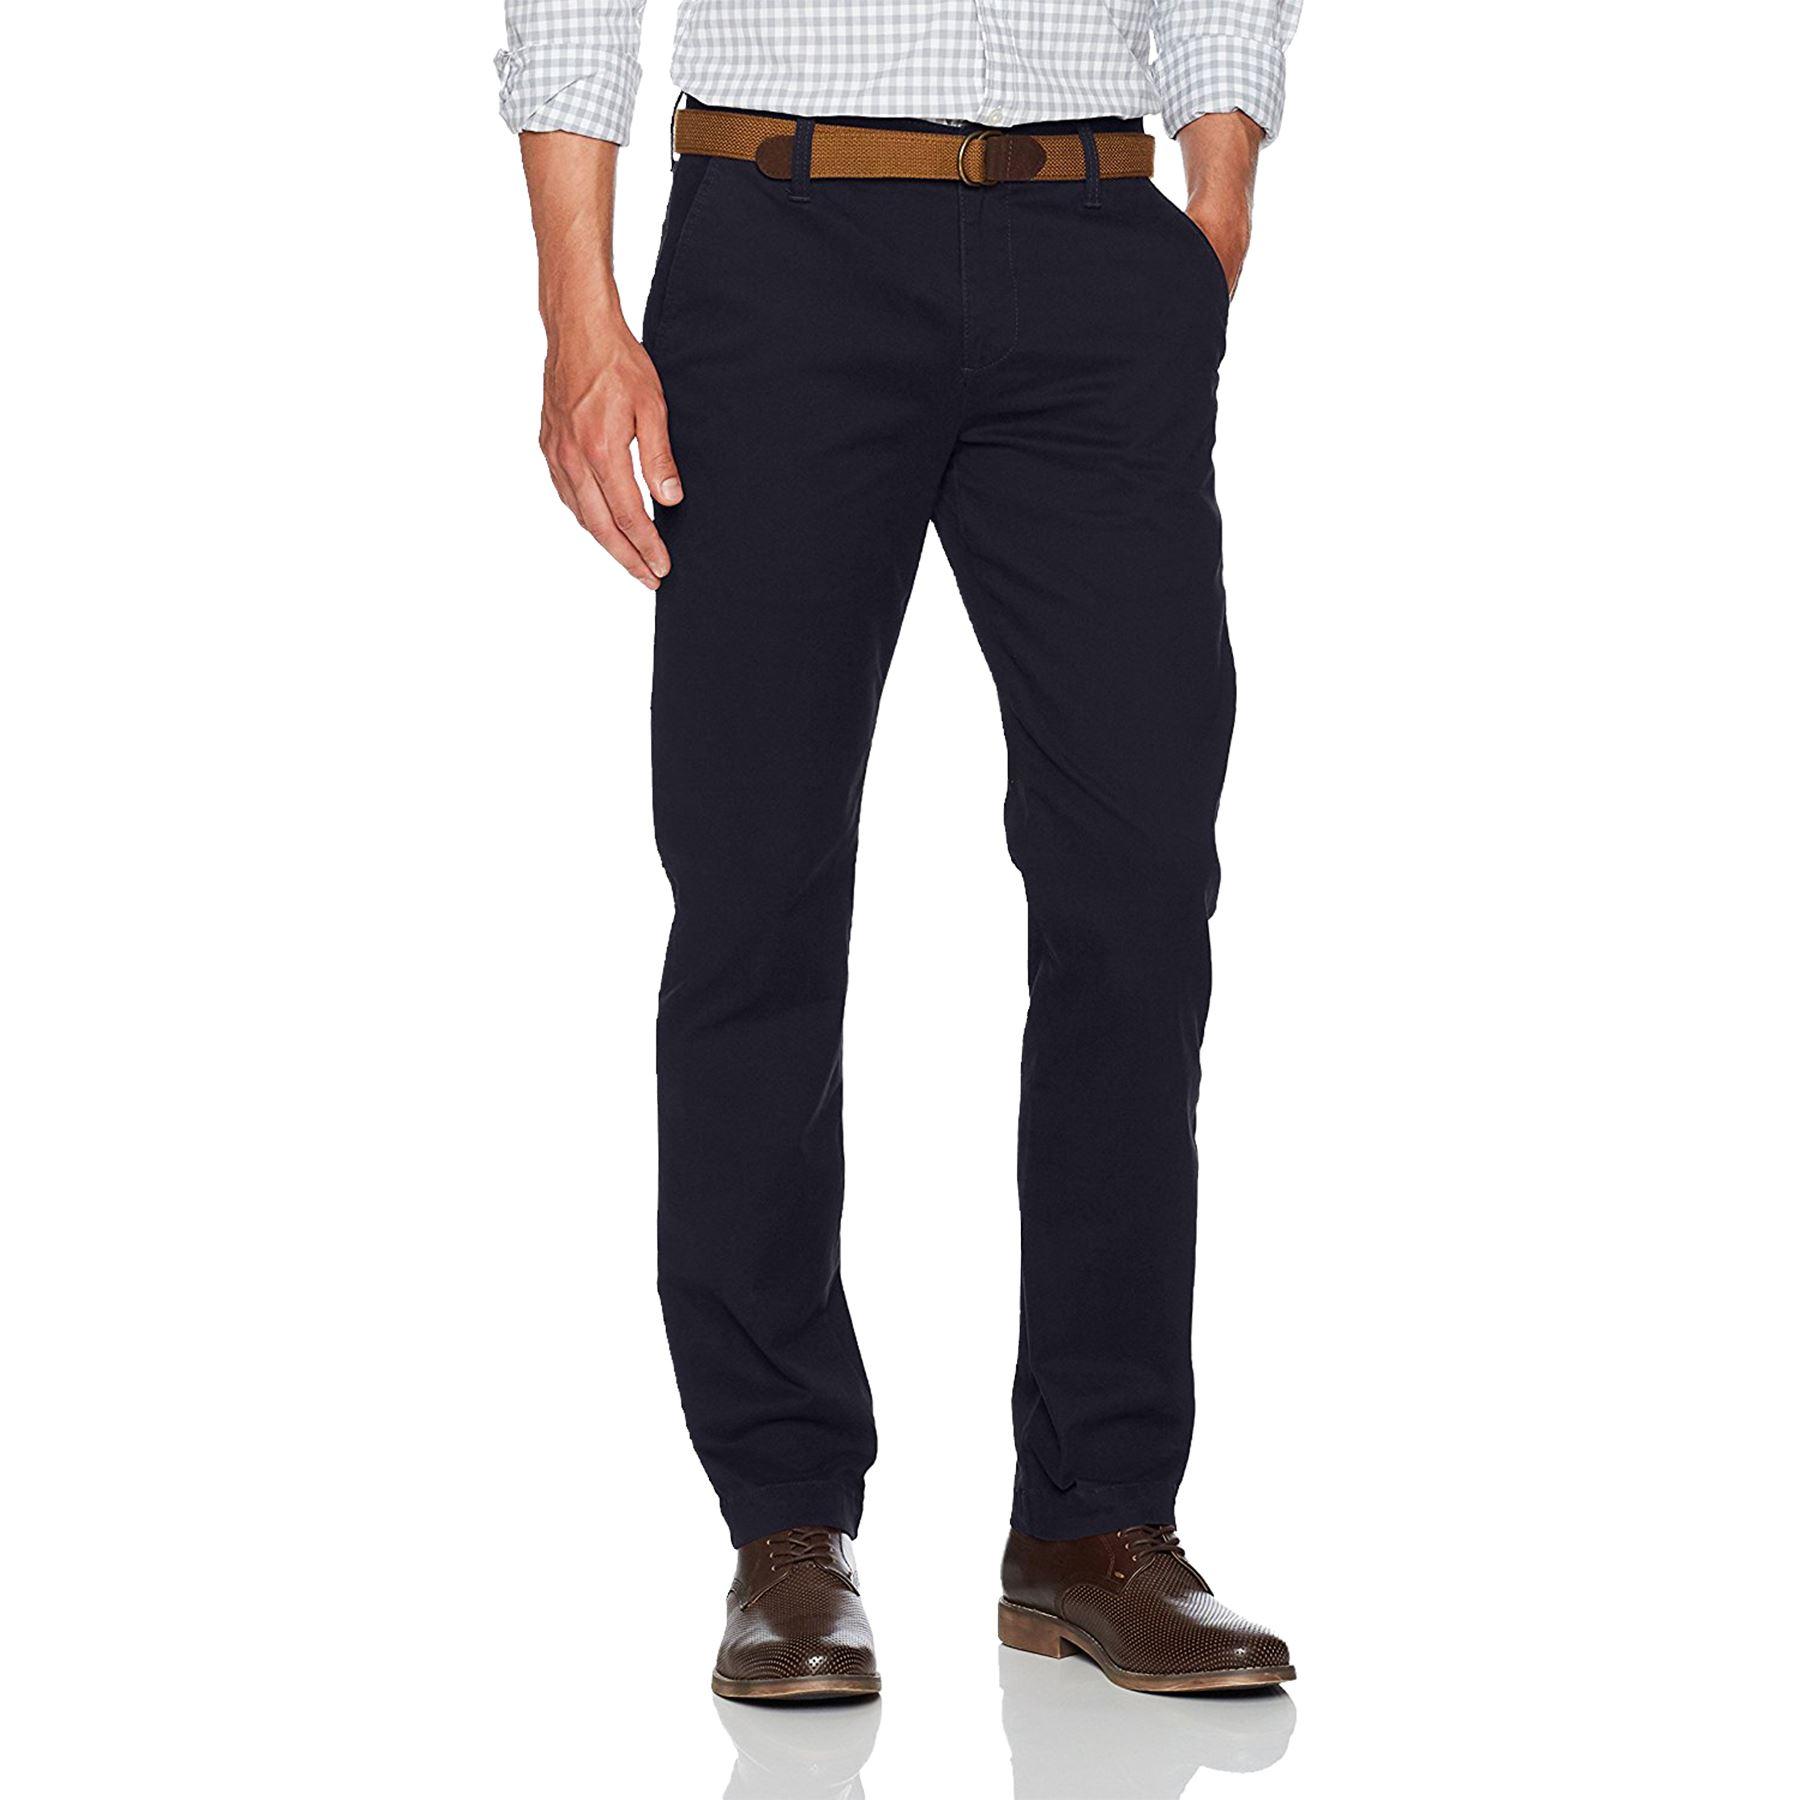 Nuevo-Para-hombres-Pantalones-Chino-Formal-De-Marca-Disenador-De-Pierna-Recta-Regular-De-Algodon